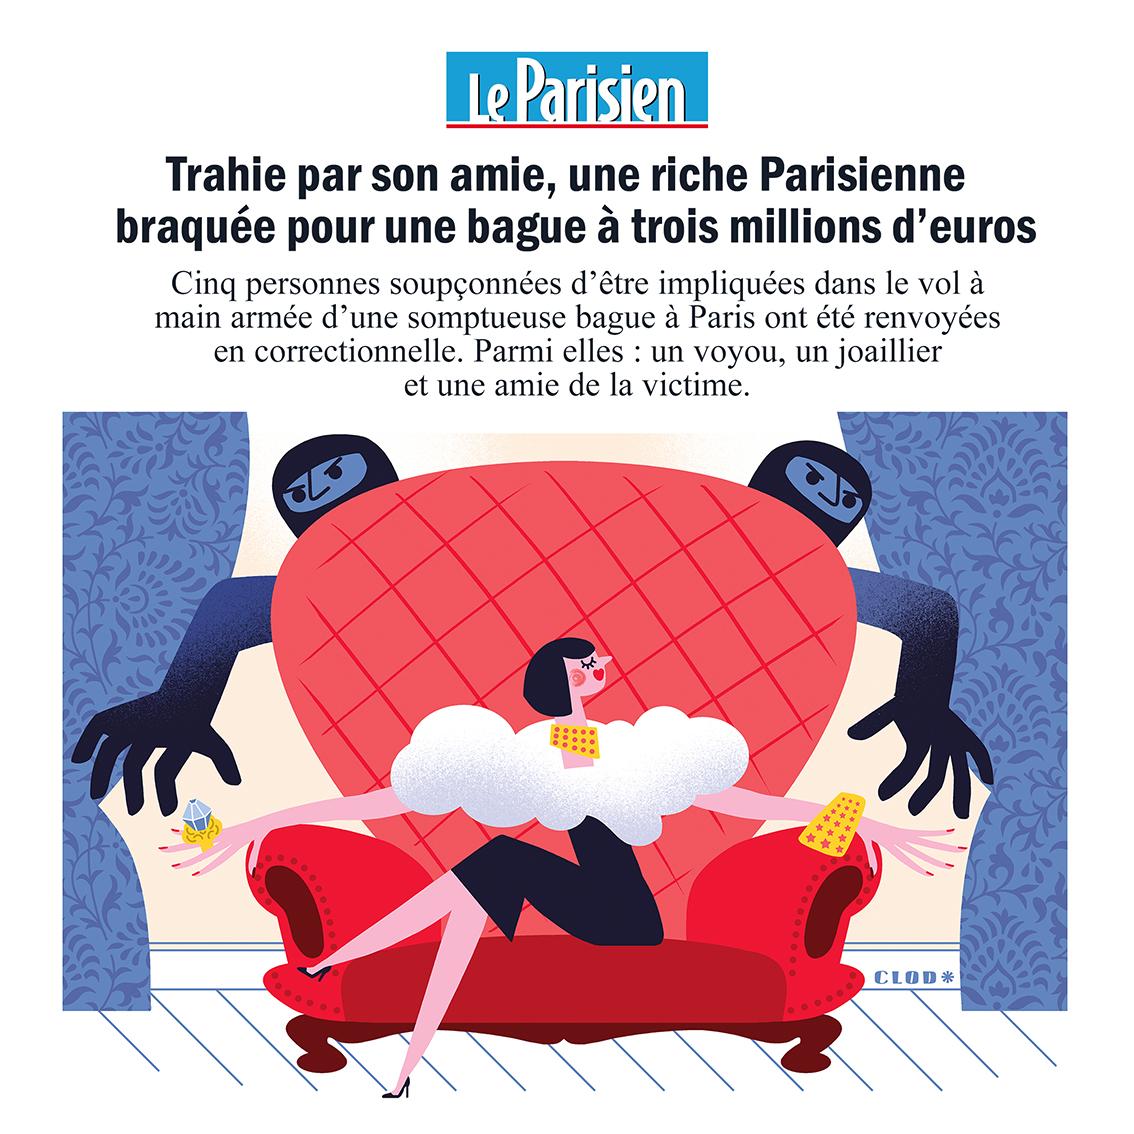 Clod illustration Le Parisien article Diamant, braquage et trahison